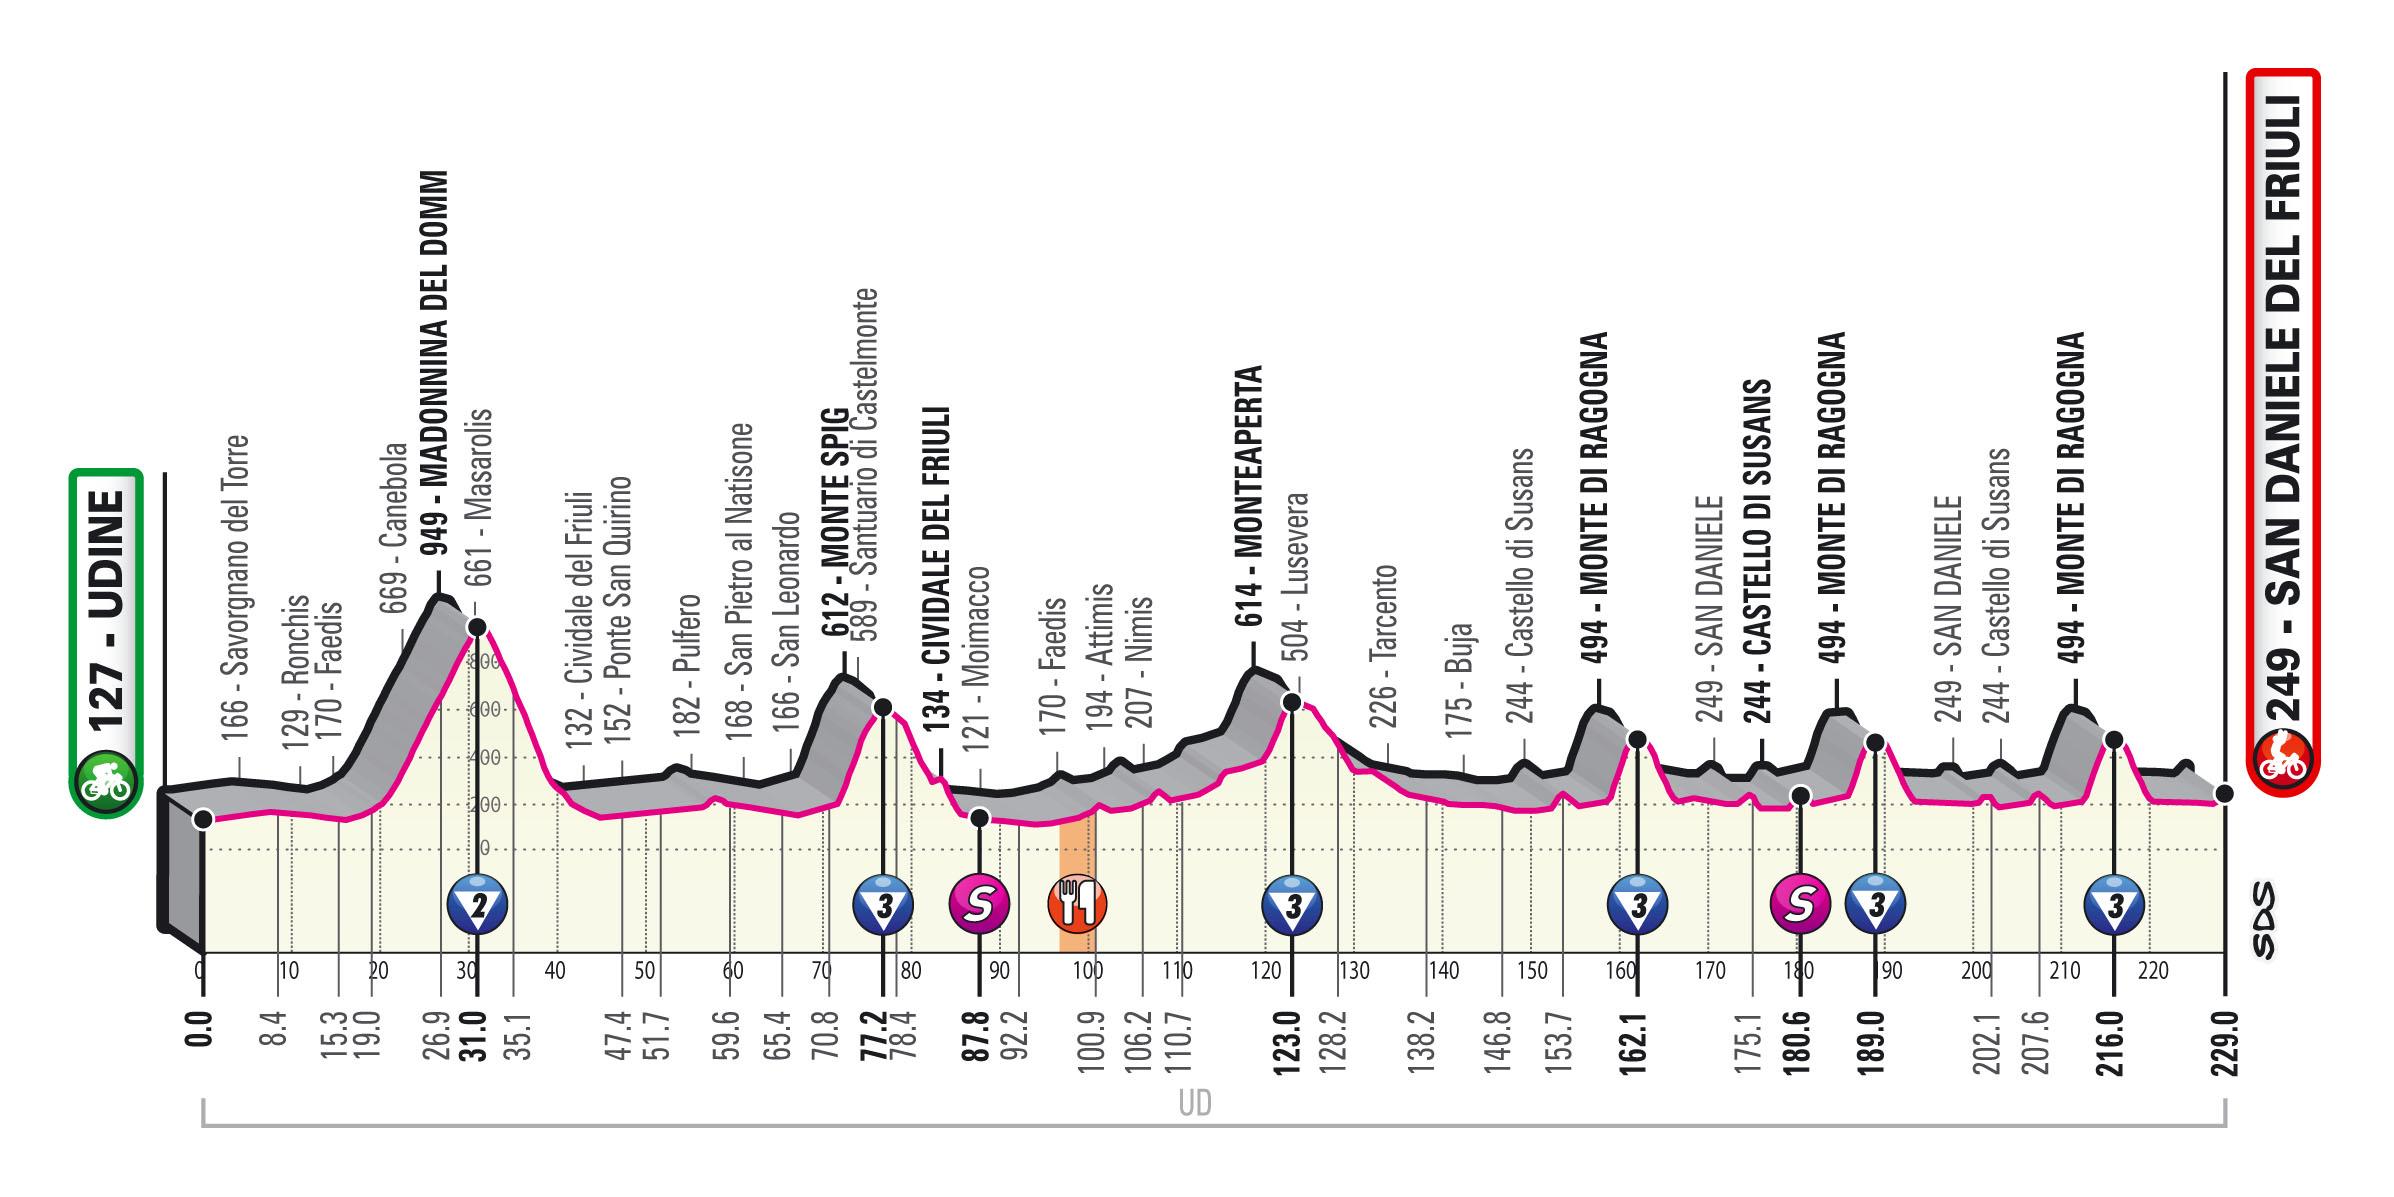 Giro 2020 etappe 16